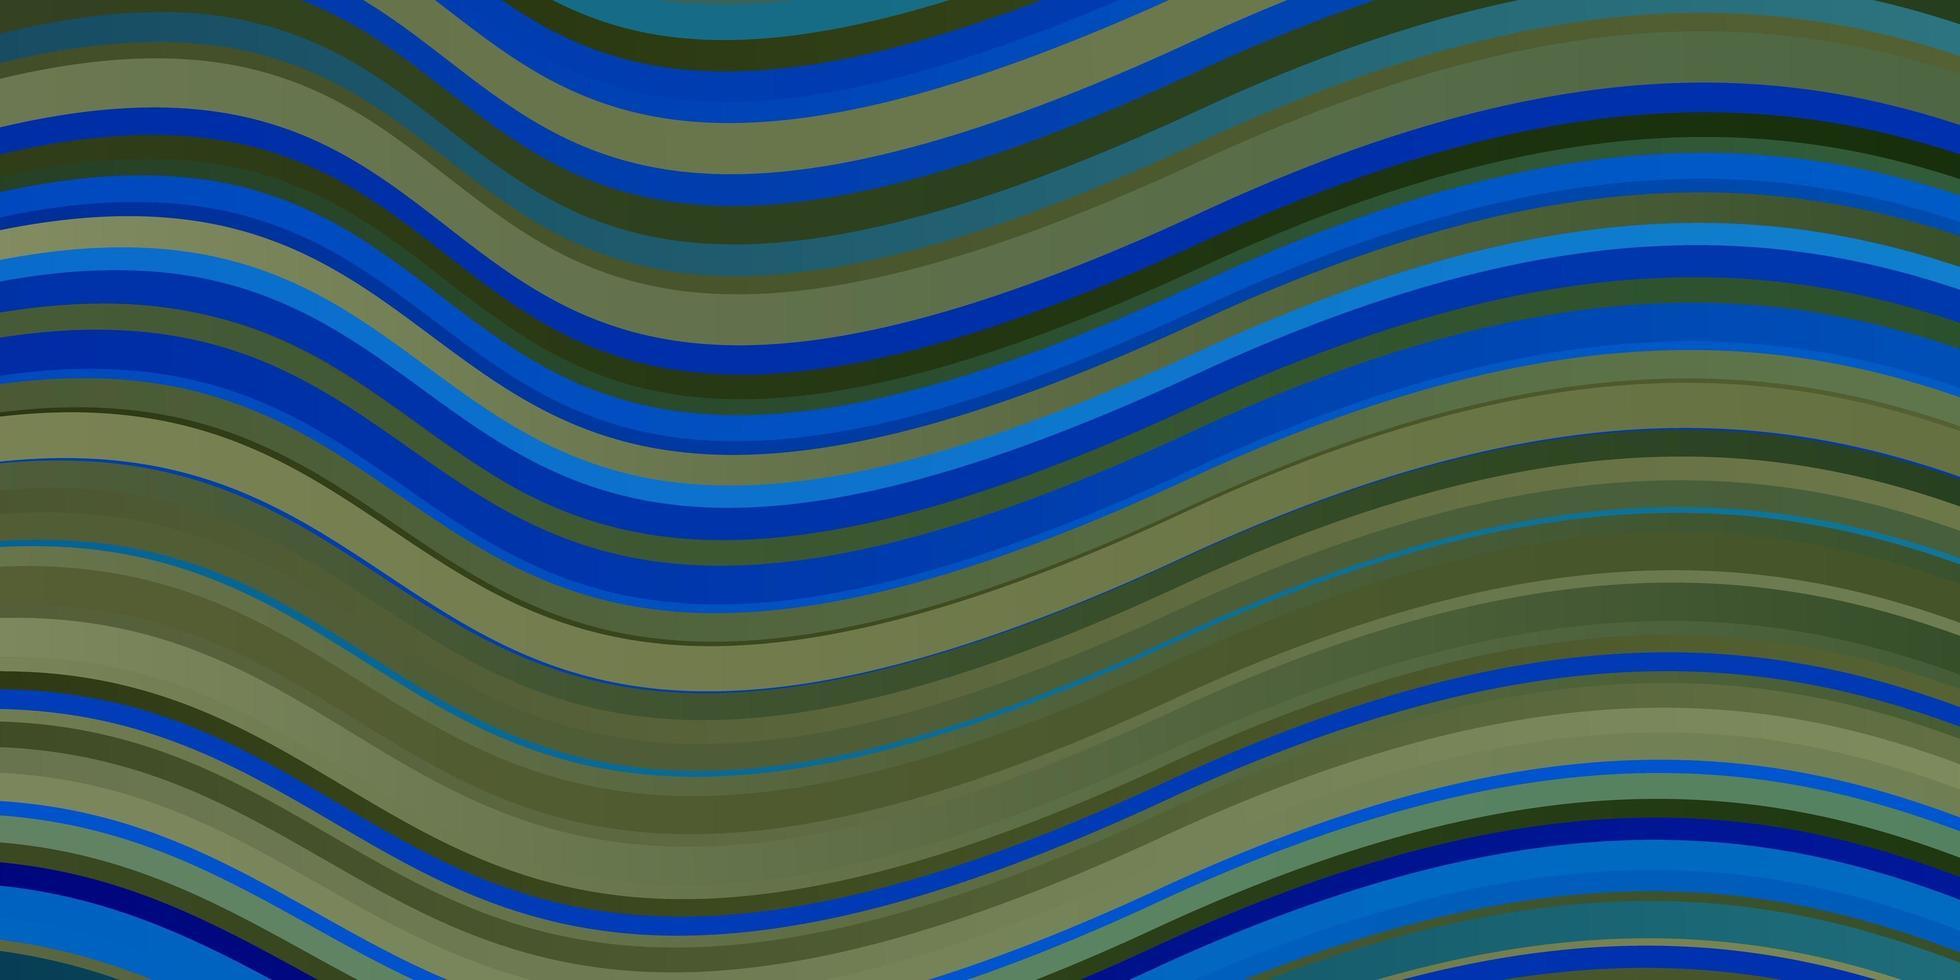 mörkblå bakgrund med sneda linjer. vektor